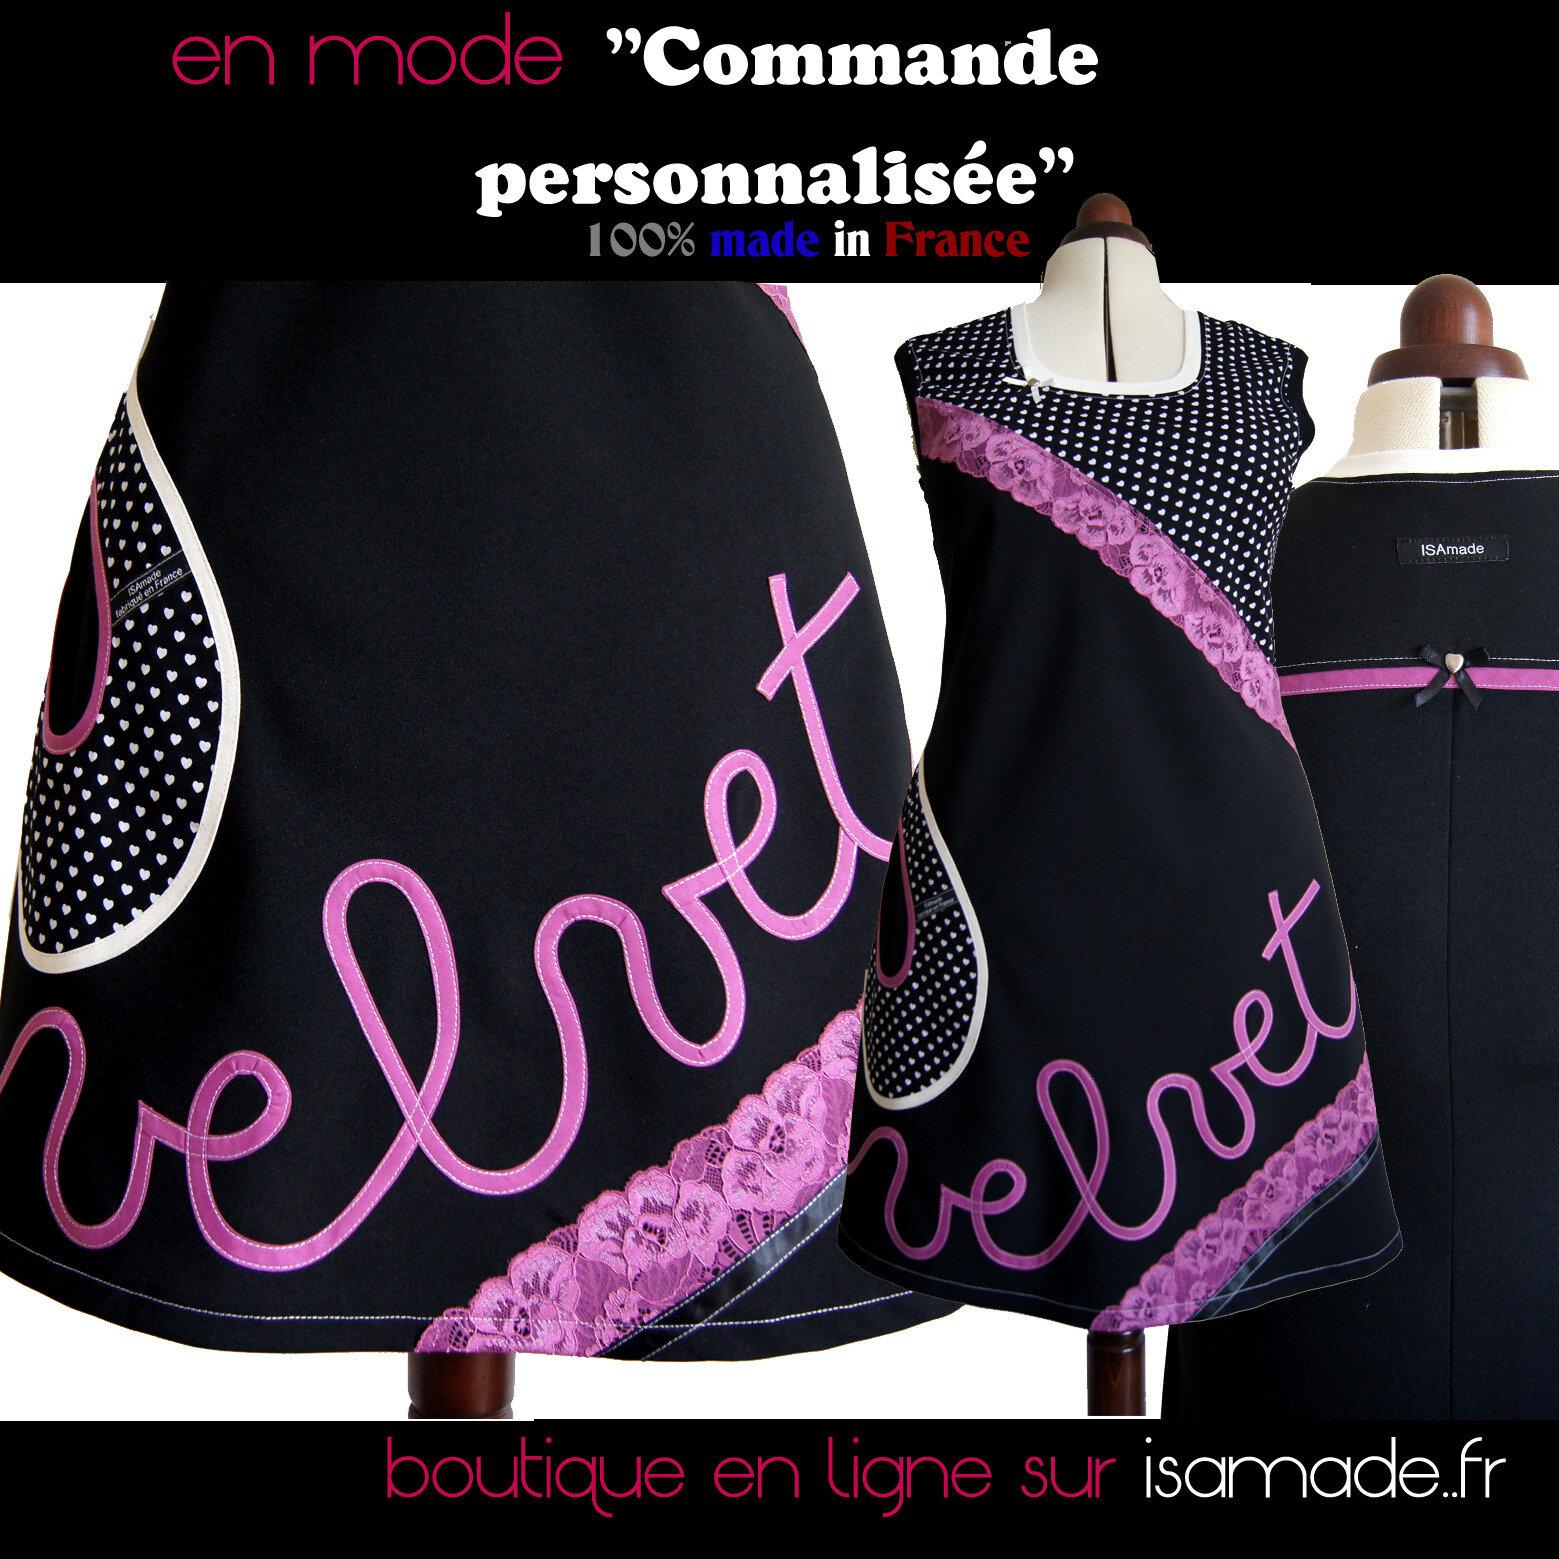 6b15f44c5832 Vous cherchez une robe Originale en taille XXL ou grande taille   contactez  ISAmade ! Le must